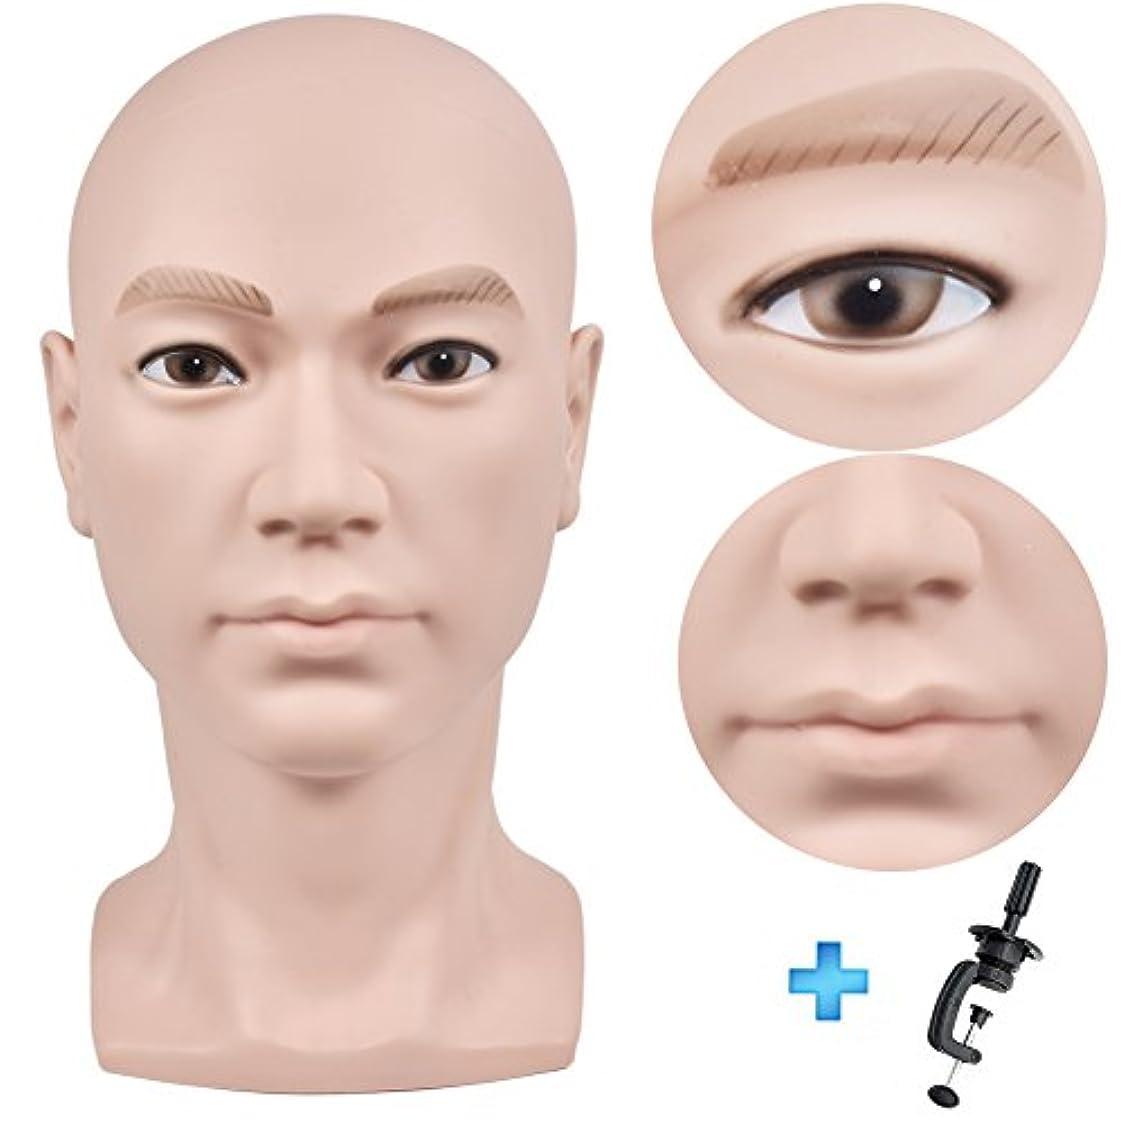 言及するシャイブラシ髪のメイク、ディスプレイのかつら、メガネ、髪、Tピン、フリークランプのための禿げたマネキンヘッドベージュ男性プロの化粧品